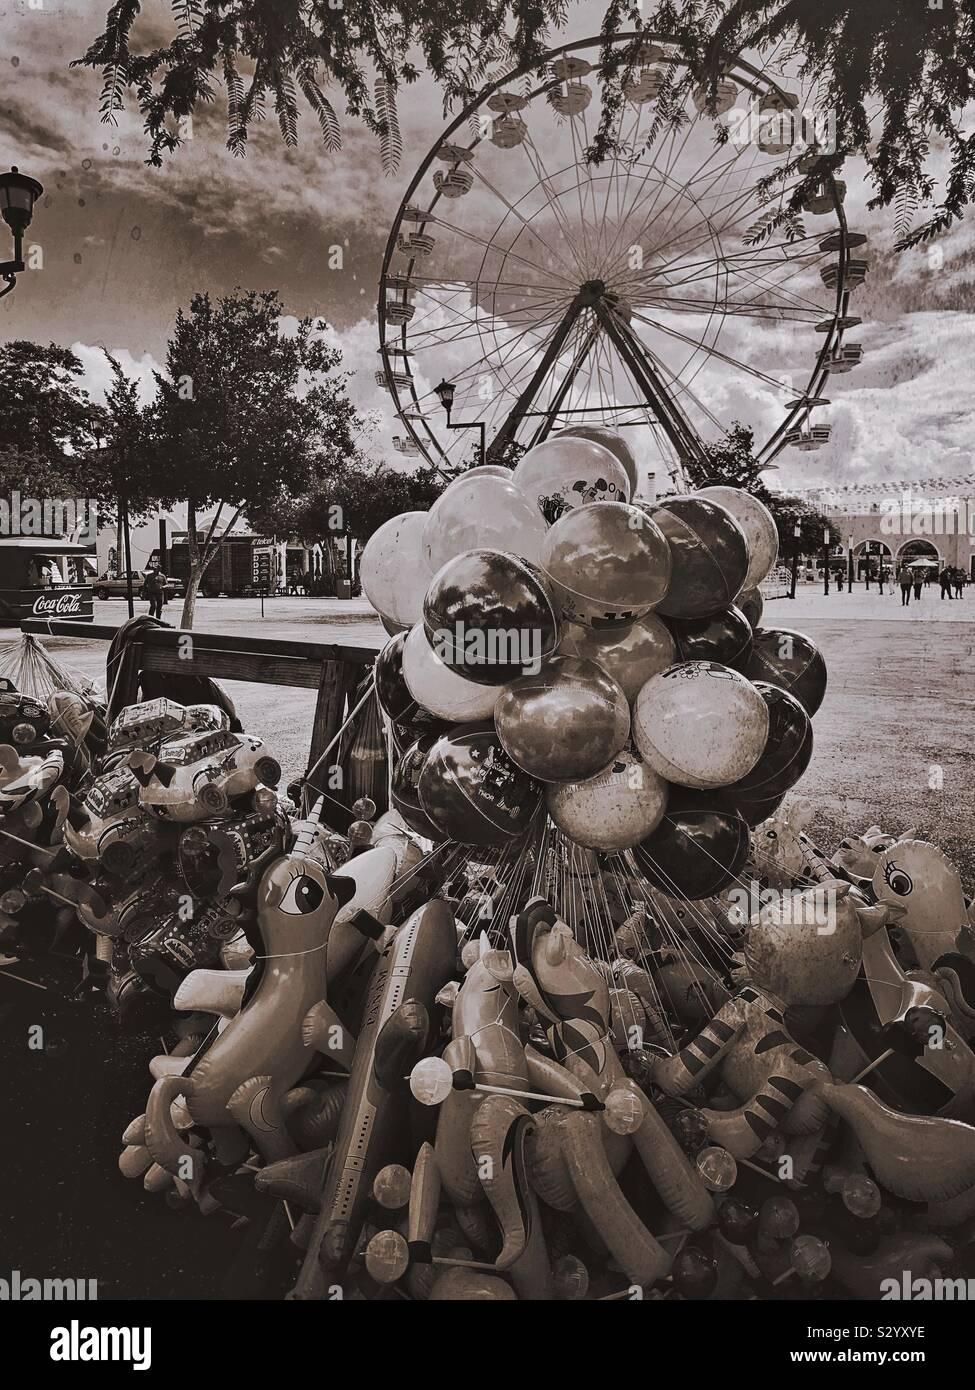 Ein Cluster von Luftballons und ein Riesenrad sind Teil der Familie freundlich und spannenden Umfeld an der Feria Yucatán Xmatkuil. Stockfoto